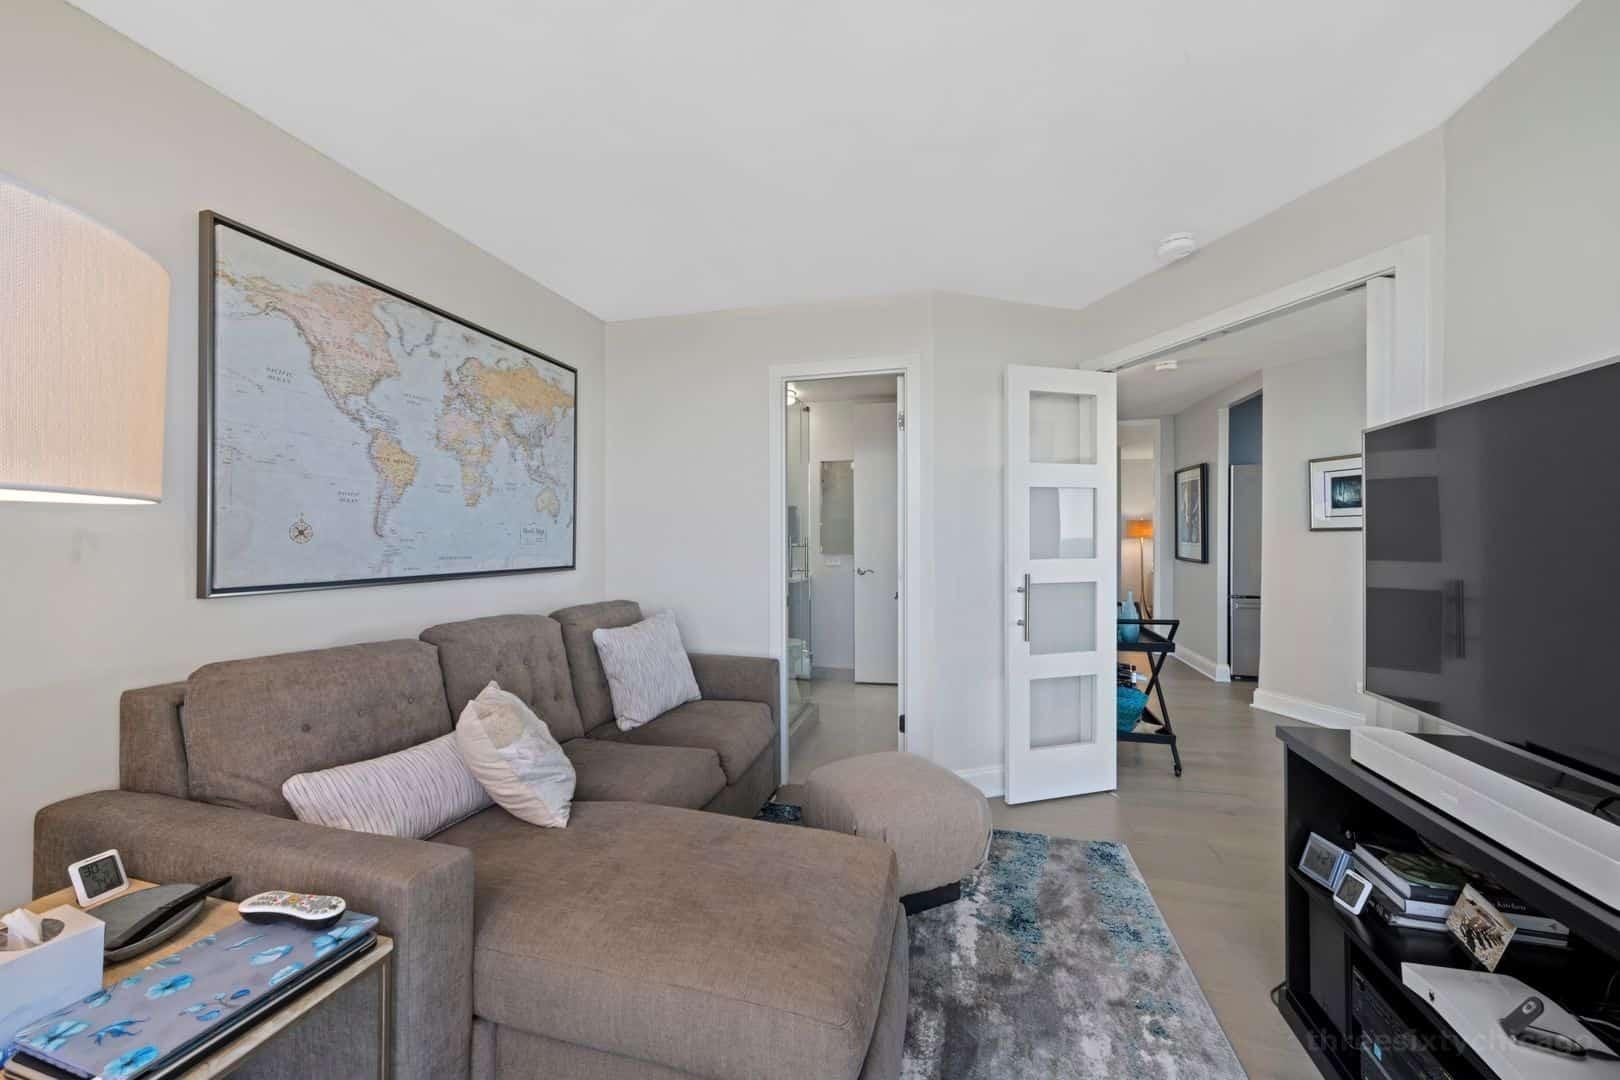 345 W Fullerton Parkway 2901 - Second bedroom